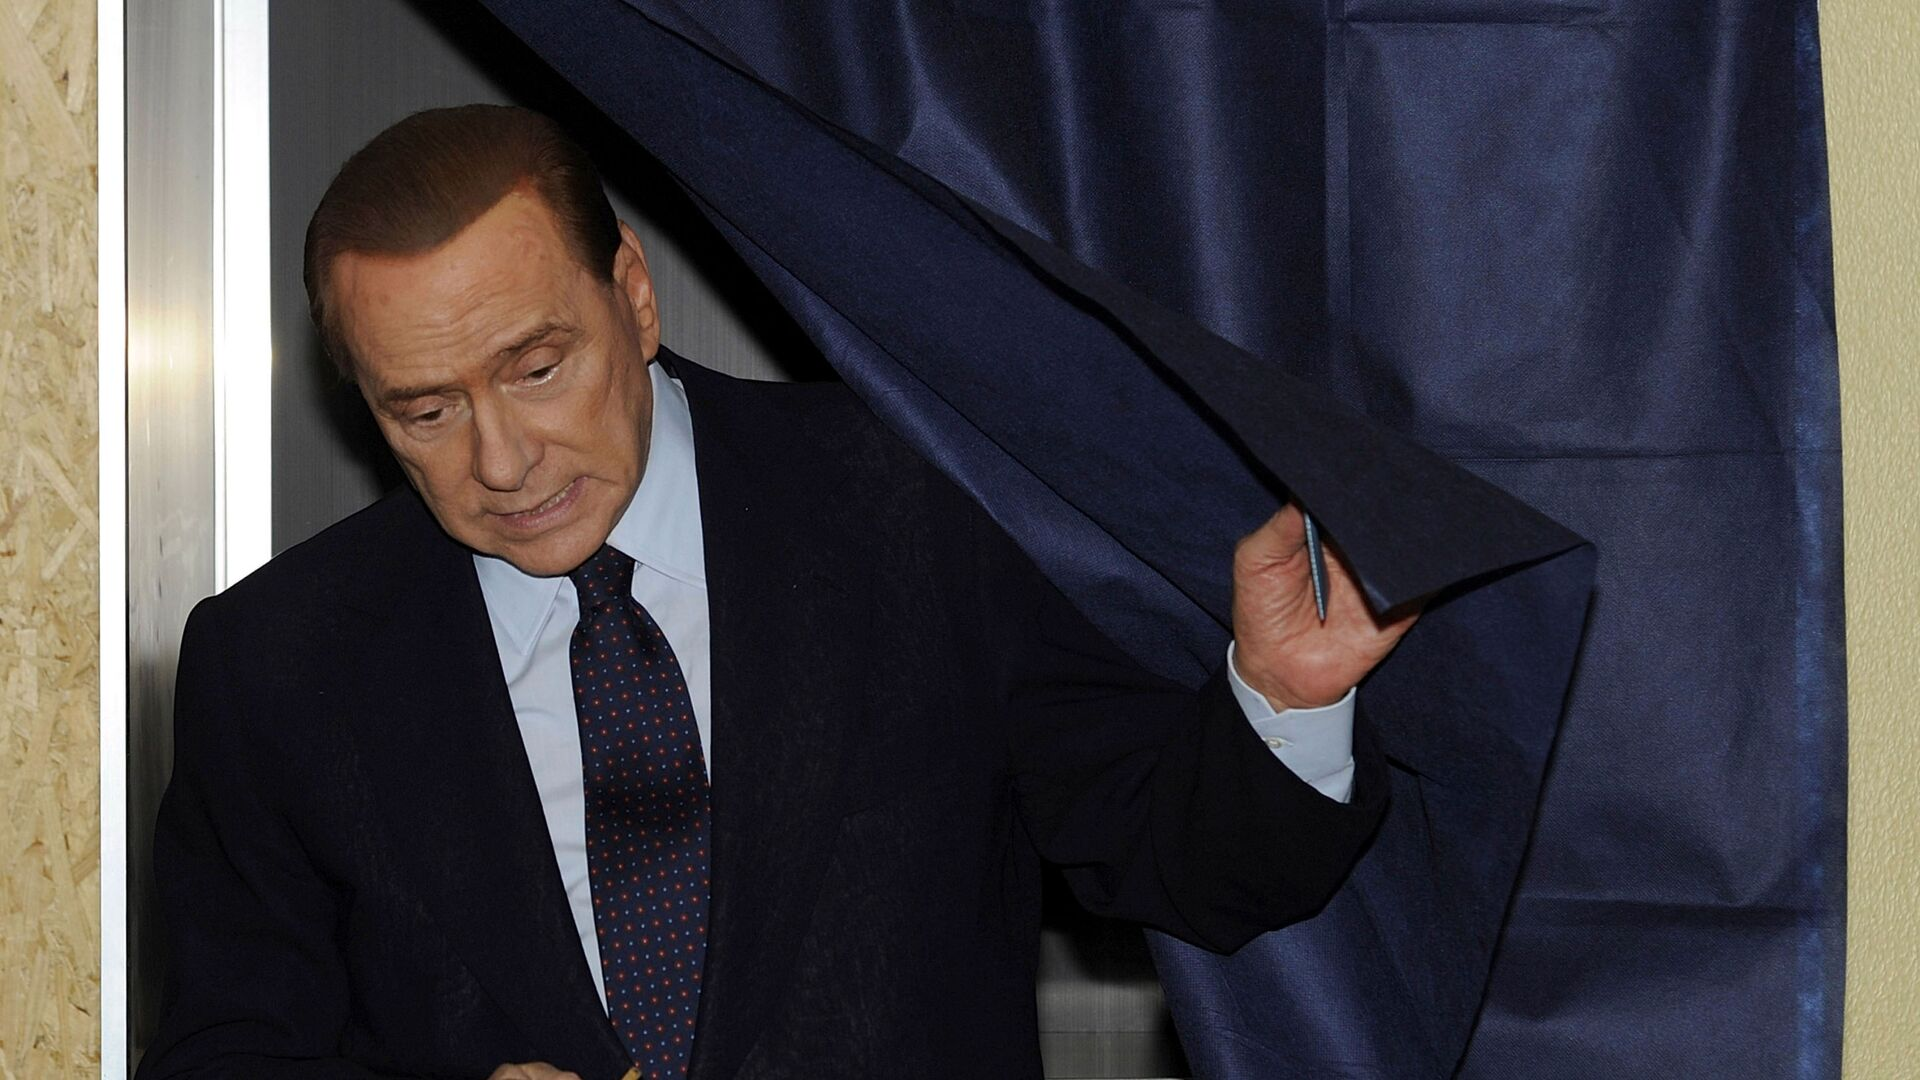 L'ex premier italiano Silvio Berlusconi vota in un seggio elettorale a Milano, 29 maggio, 2011 - Sputnik Italia, 1920, 07.09.2021